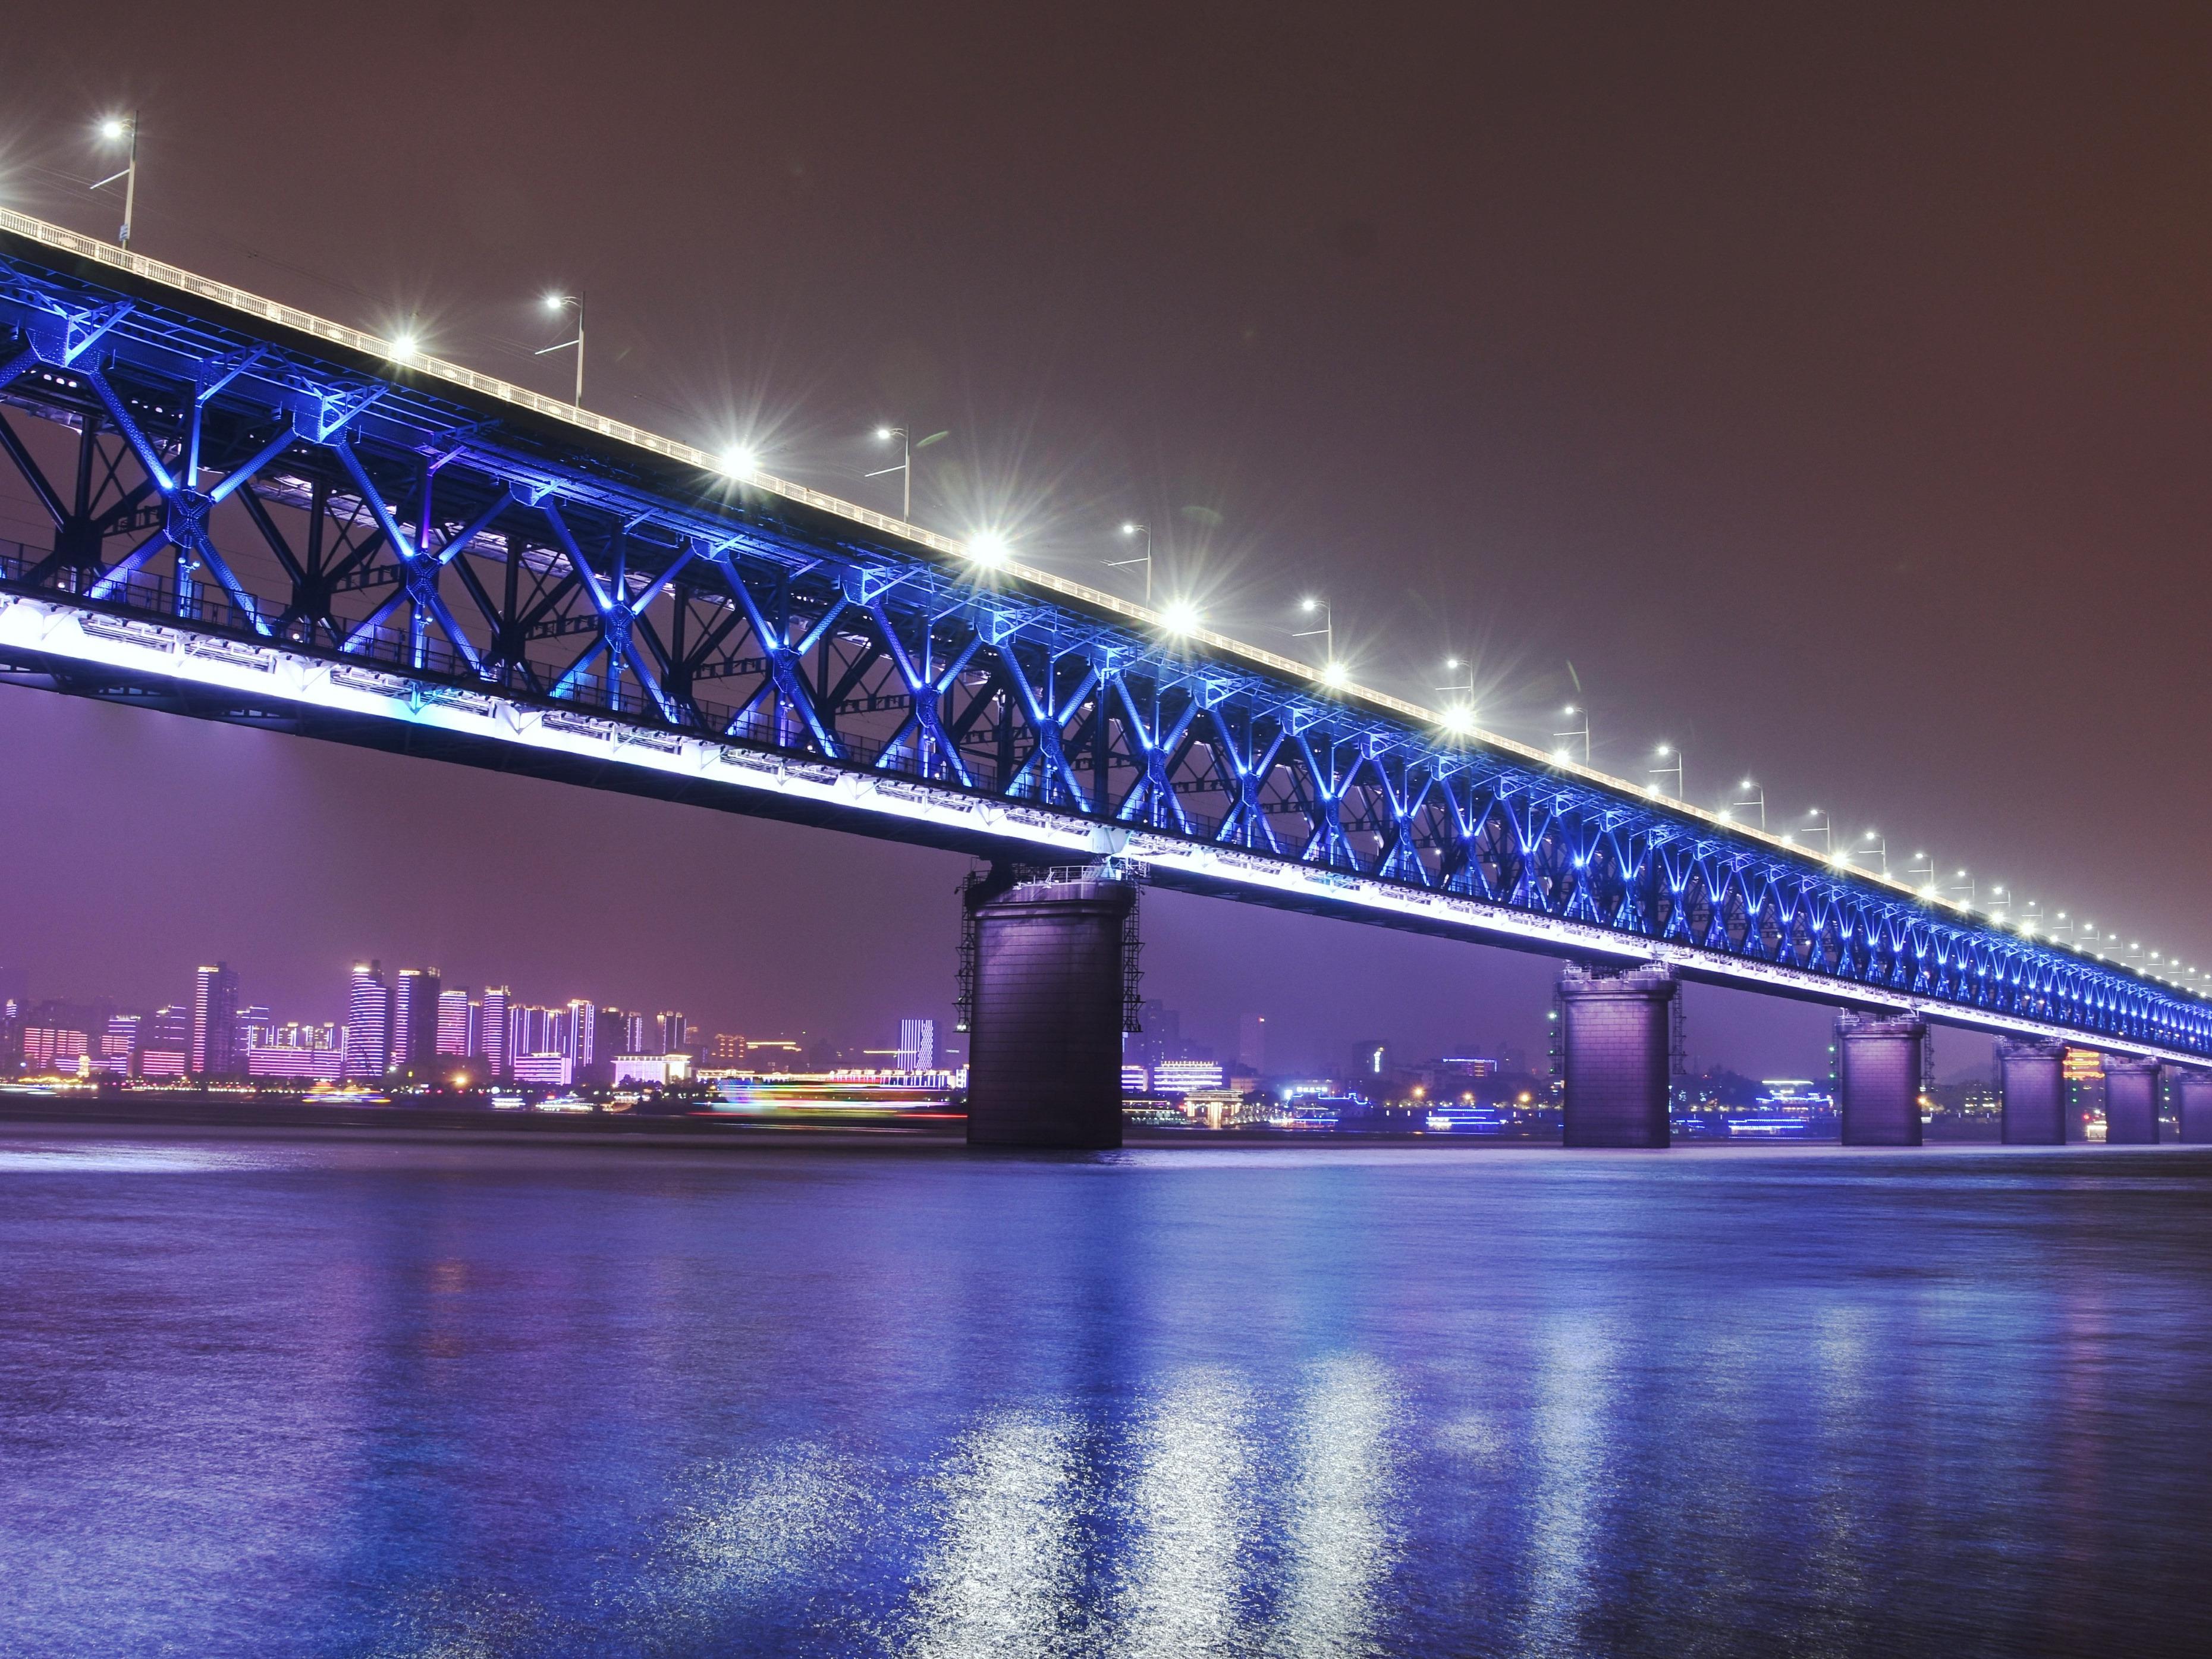 武汉长江大桥--武汉鹦鹉洲长江大桥图片